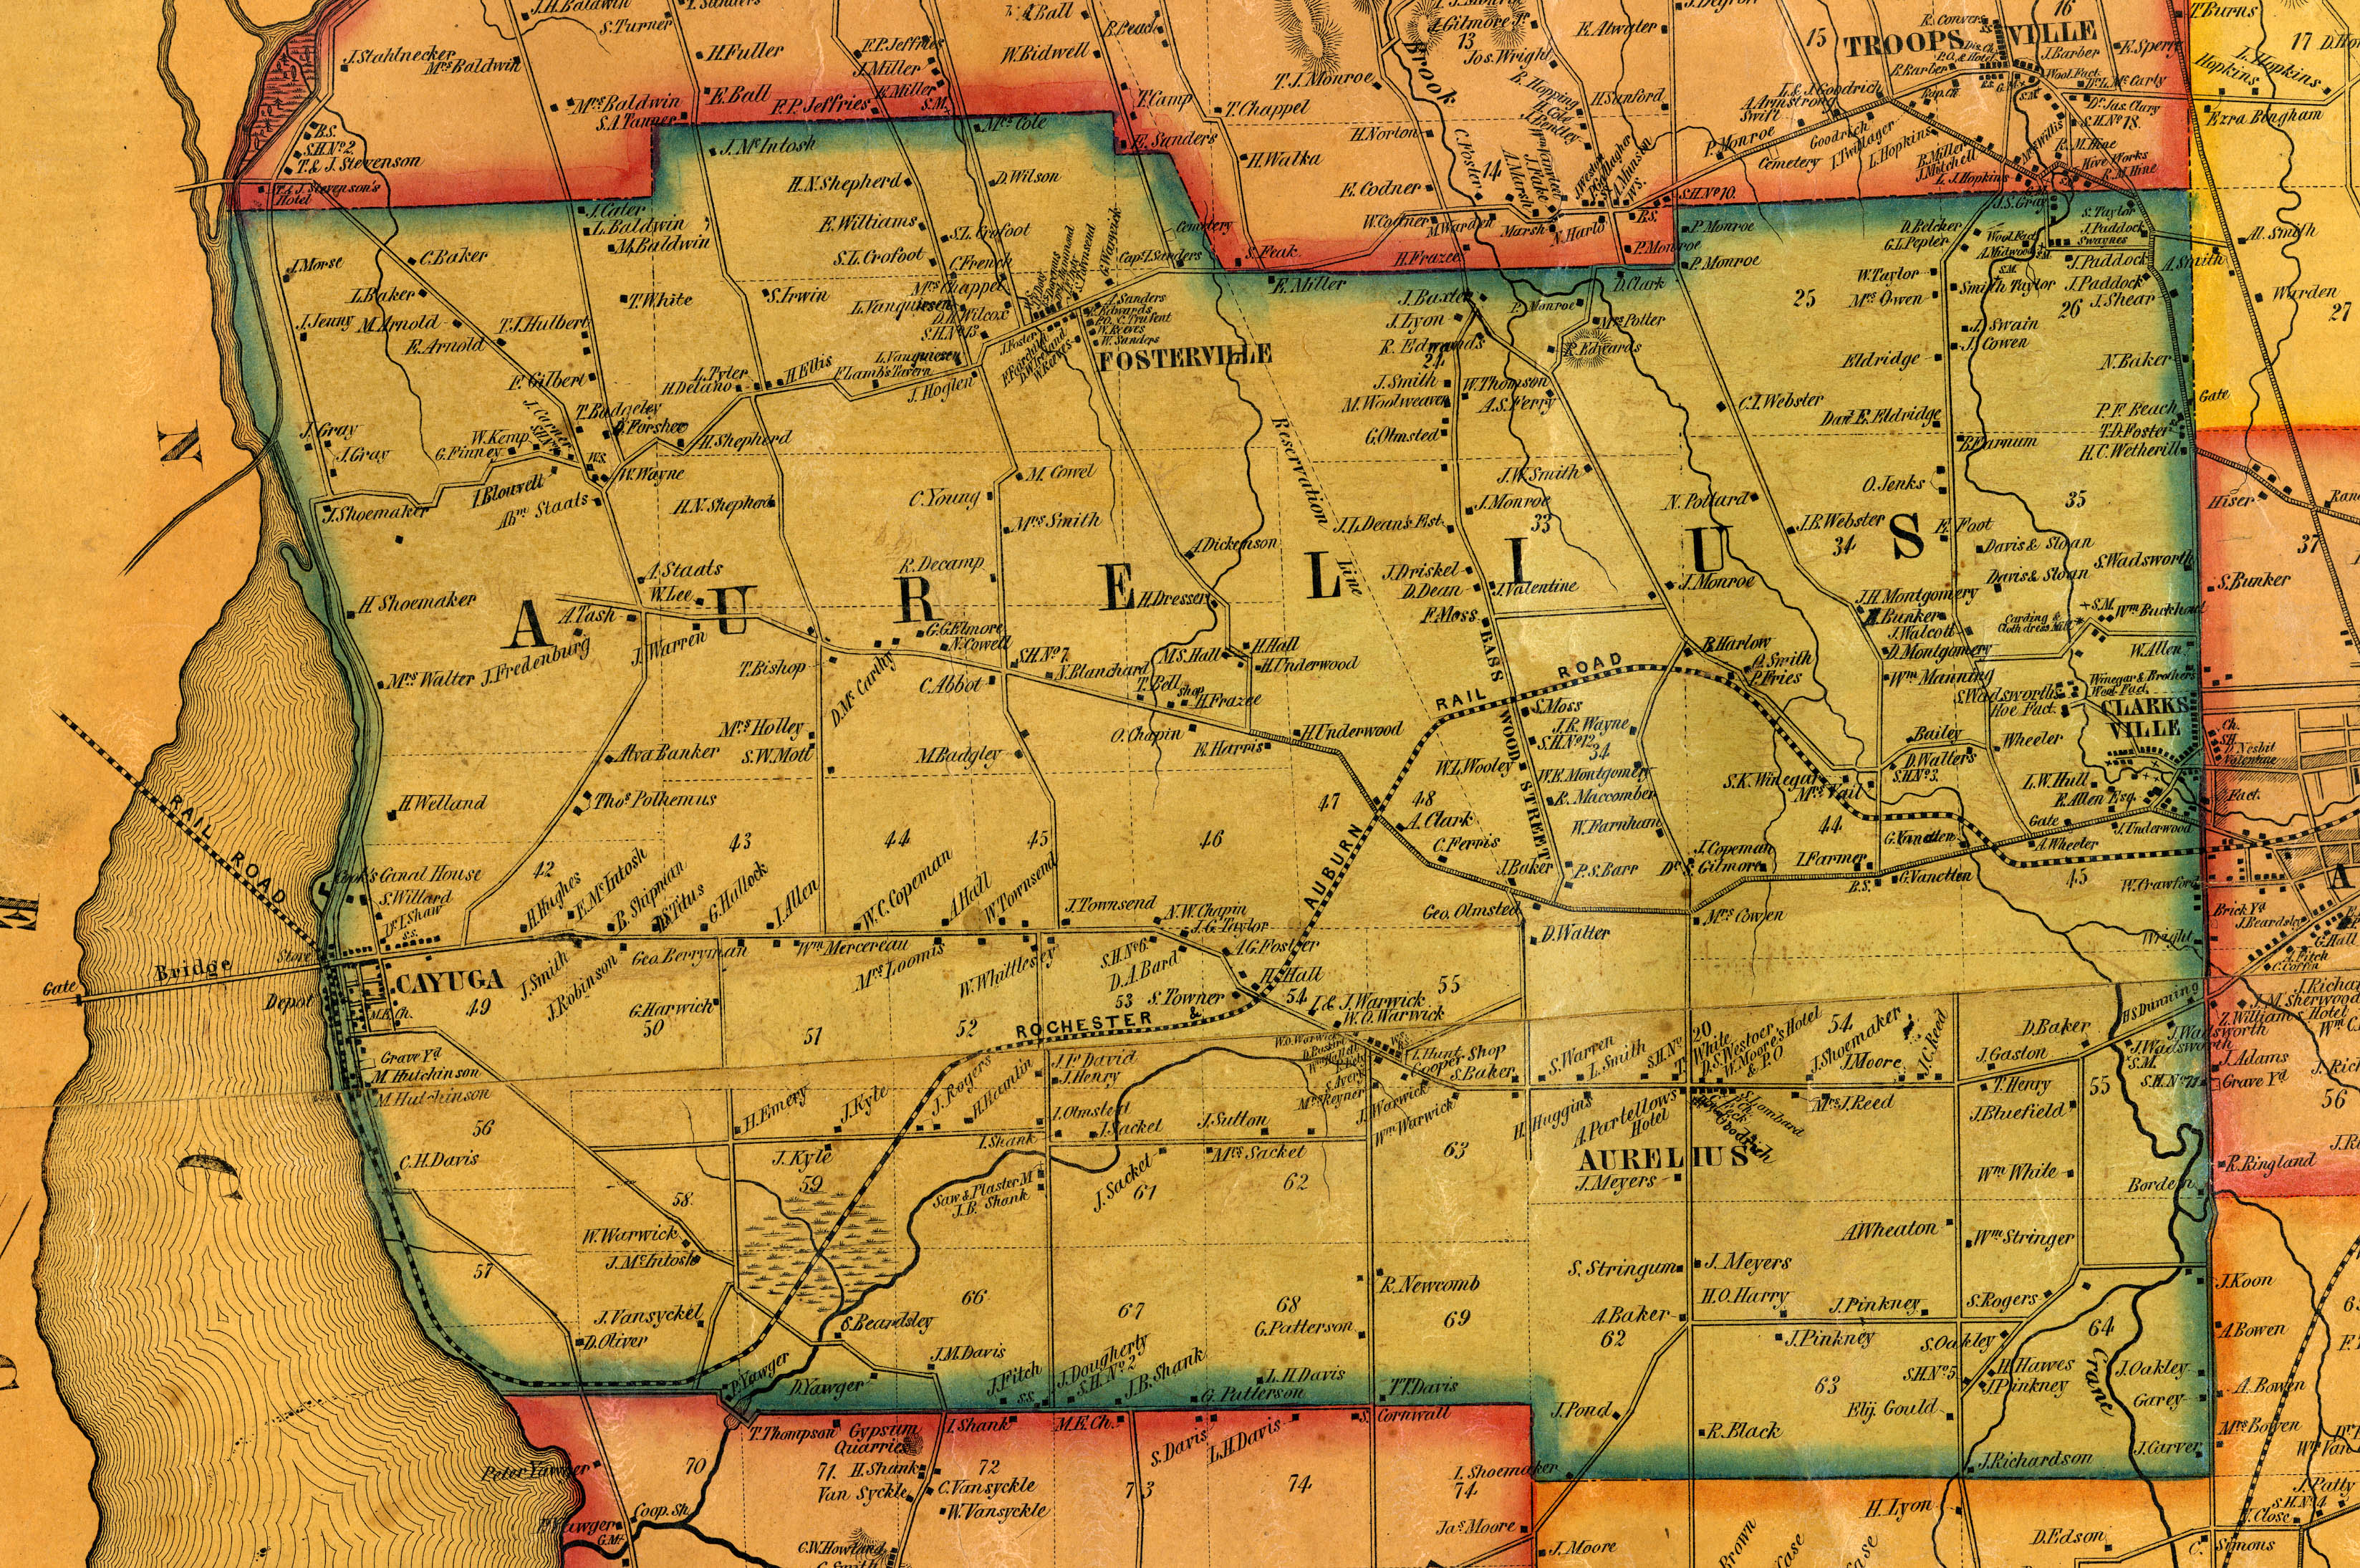 1853 Cayuga County, NY Mapaurelius town